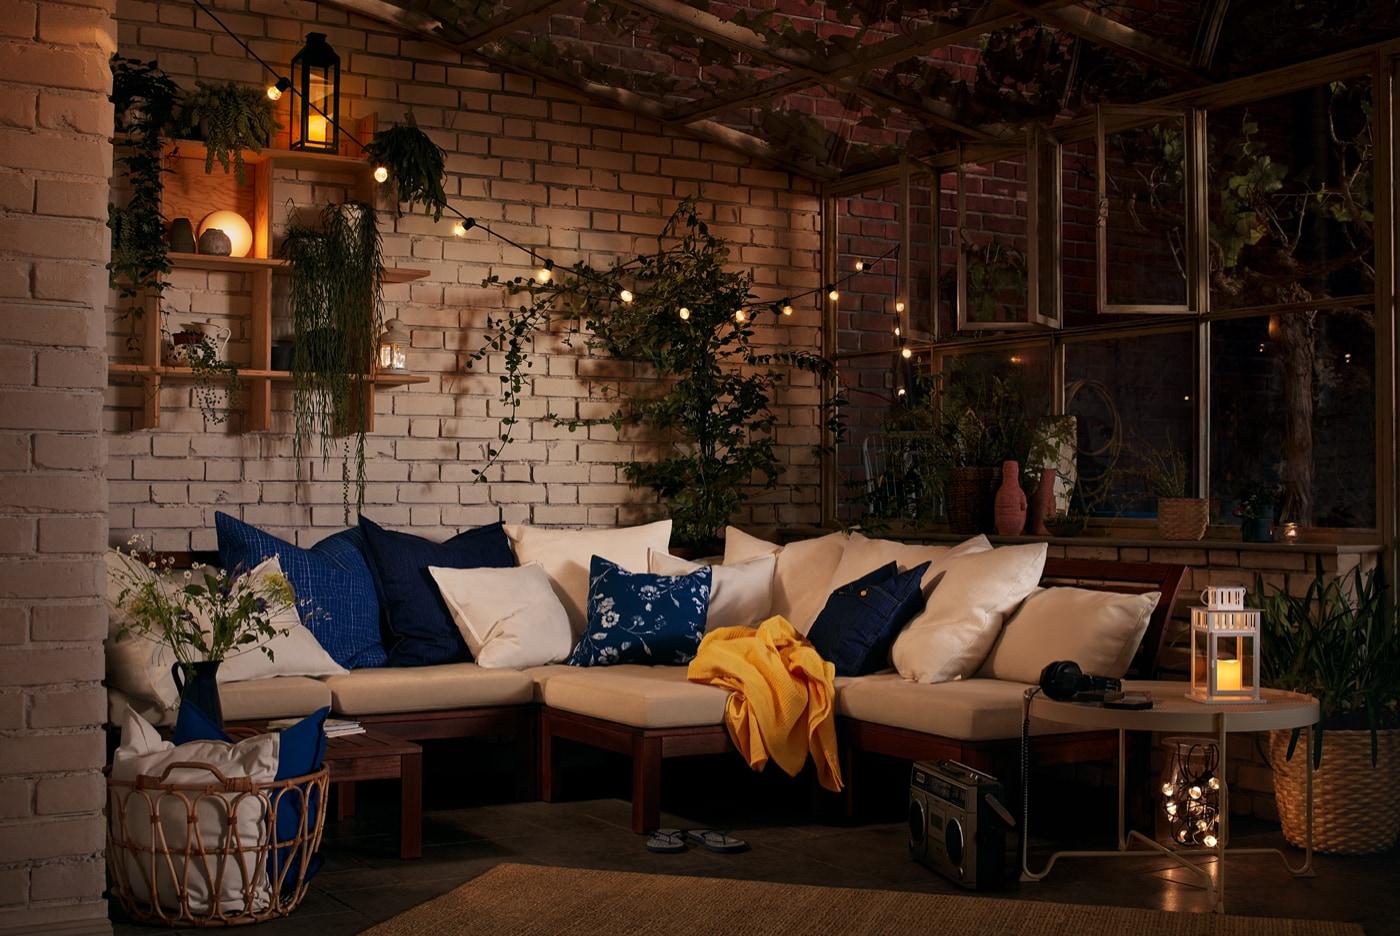 Full Size of Ikea Kuche Landhausstil Gebraucht Caseconradcom Küche Selbst Zusammenstellen Amerikanische Kaufen Wasserhähne Kosten Rosa Behindertengerechte Tapete Wohnzimmer Ikea Küche Landhausstil